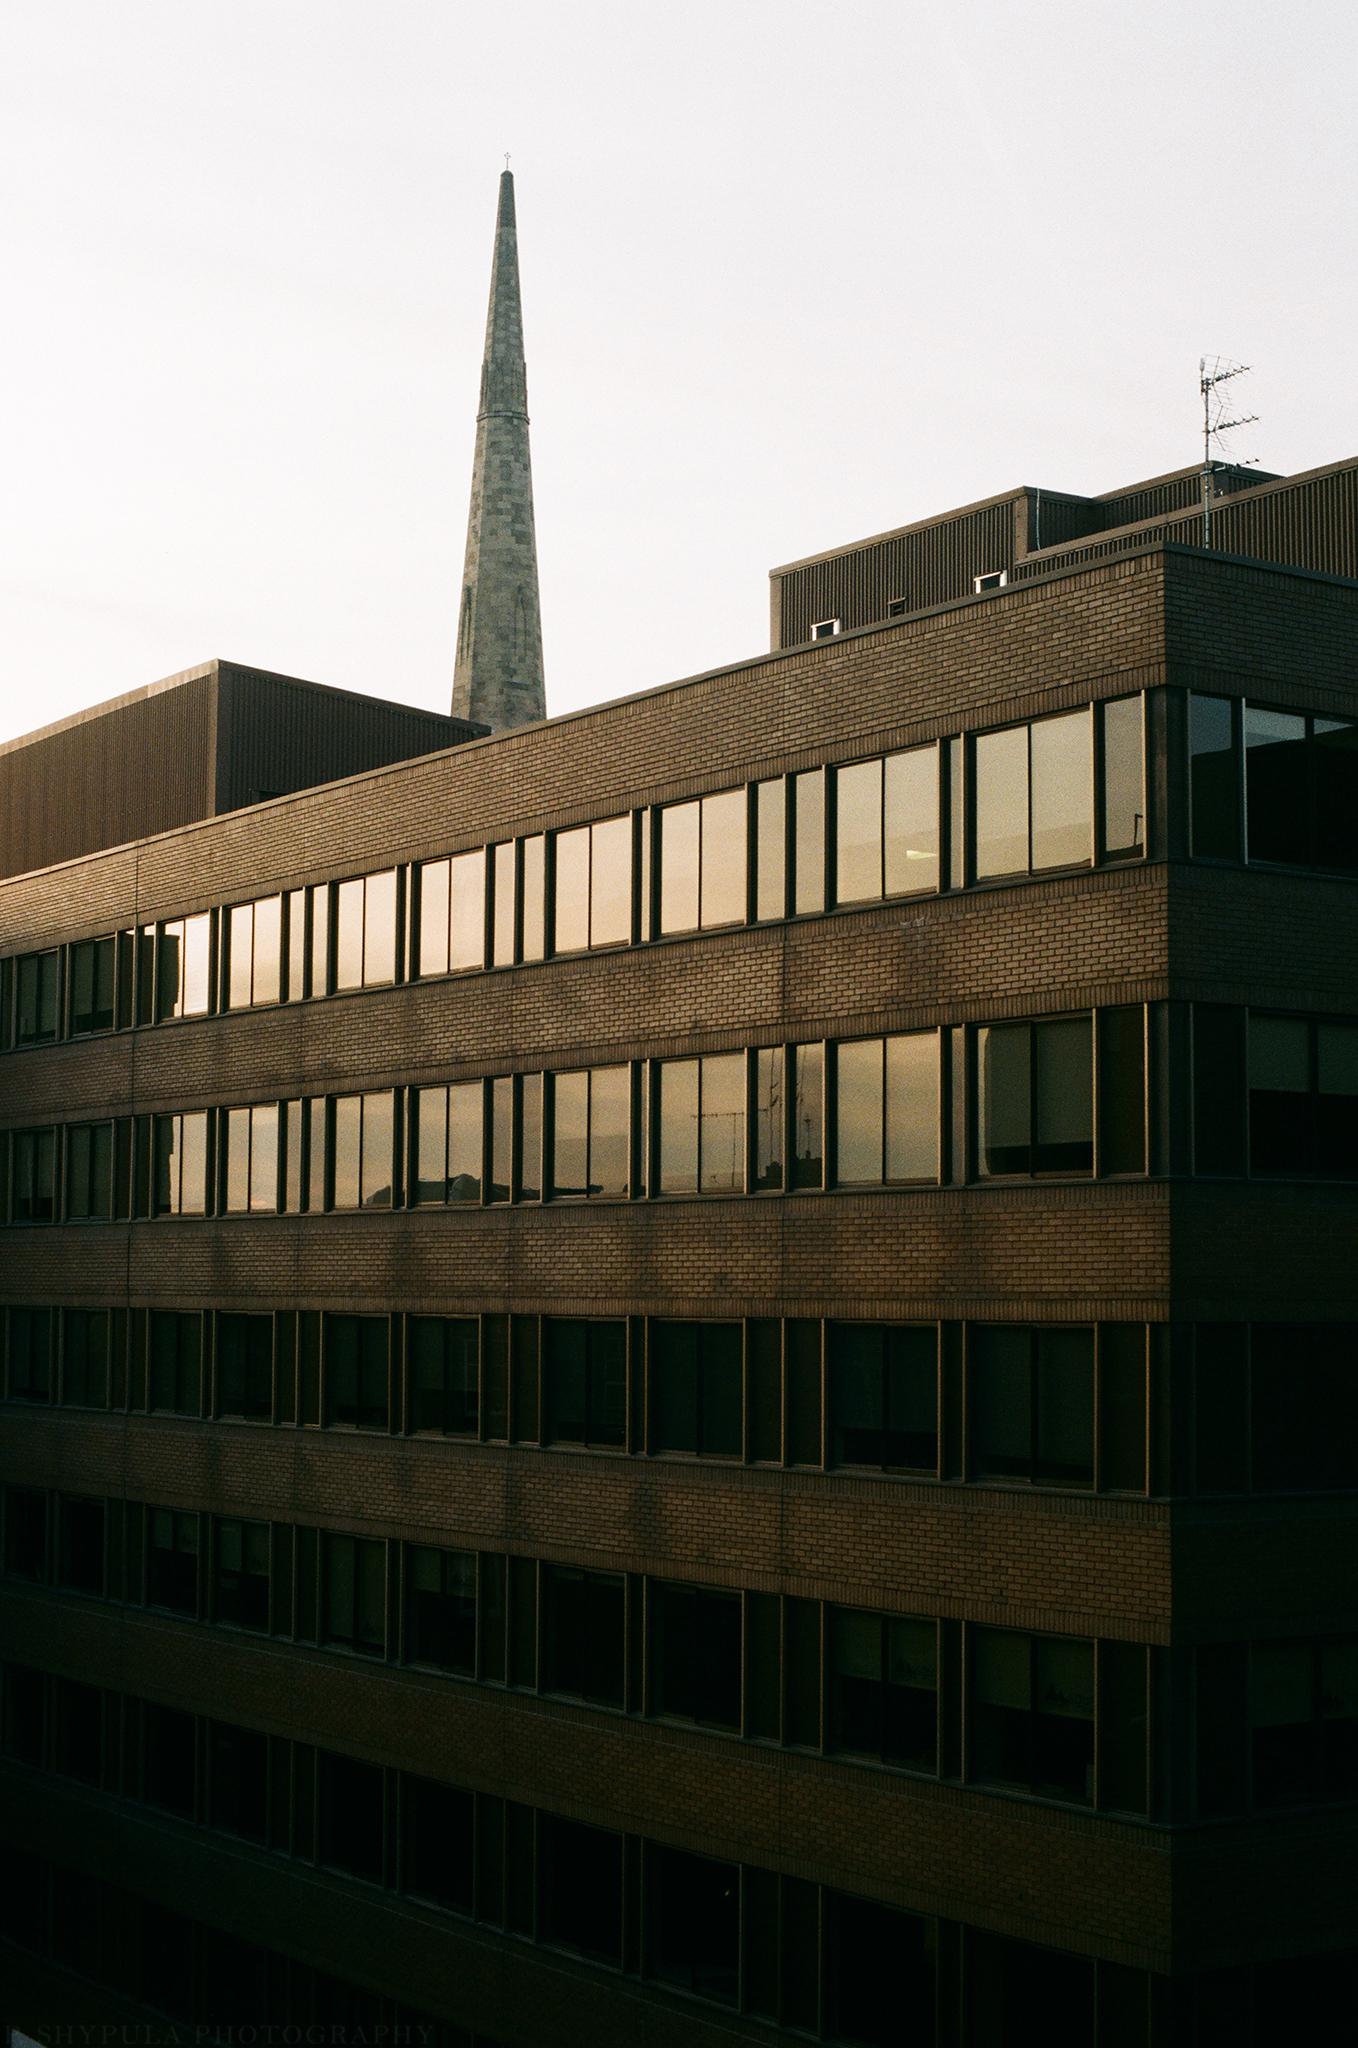 Glasgow, Scotland Nikon FM2 + Afga Vista 200